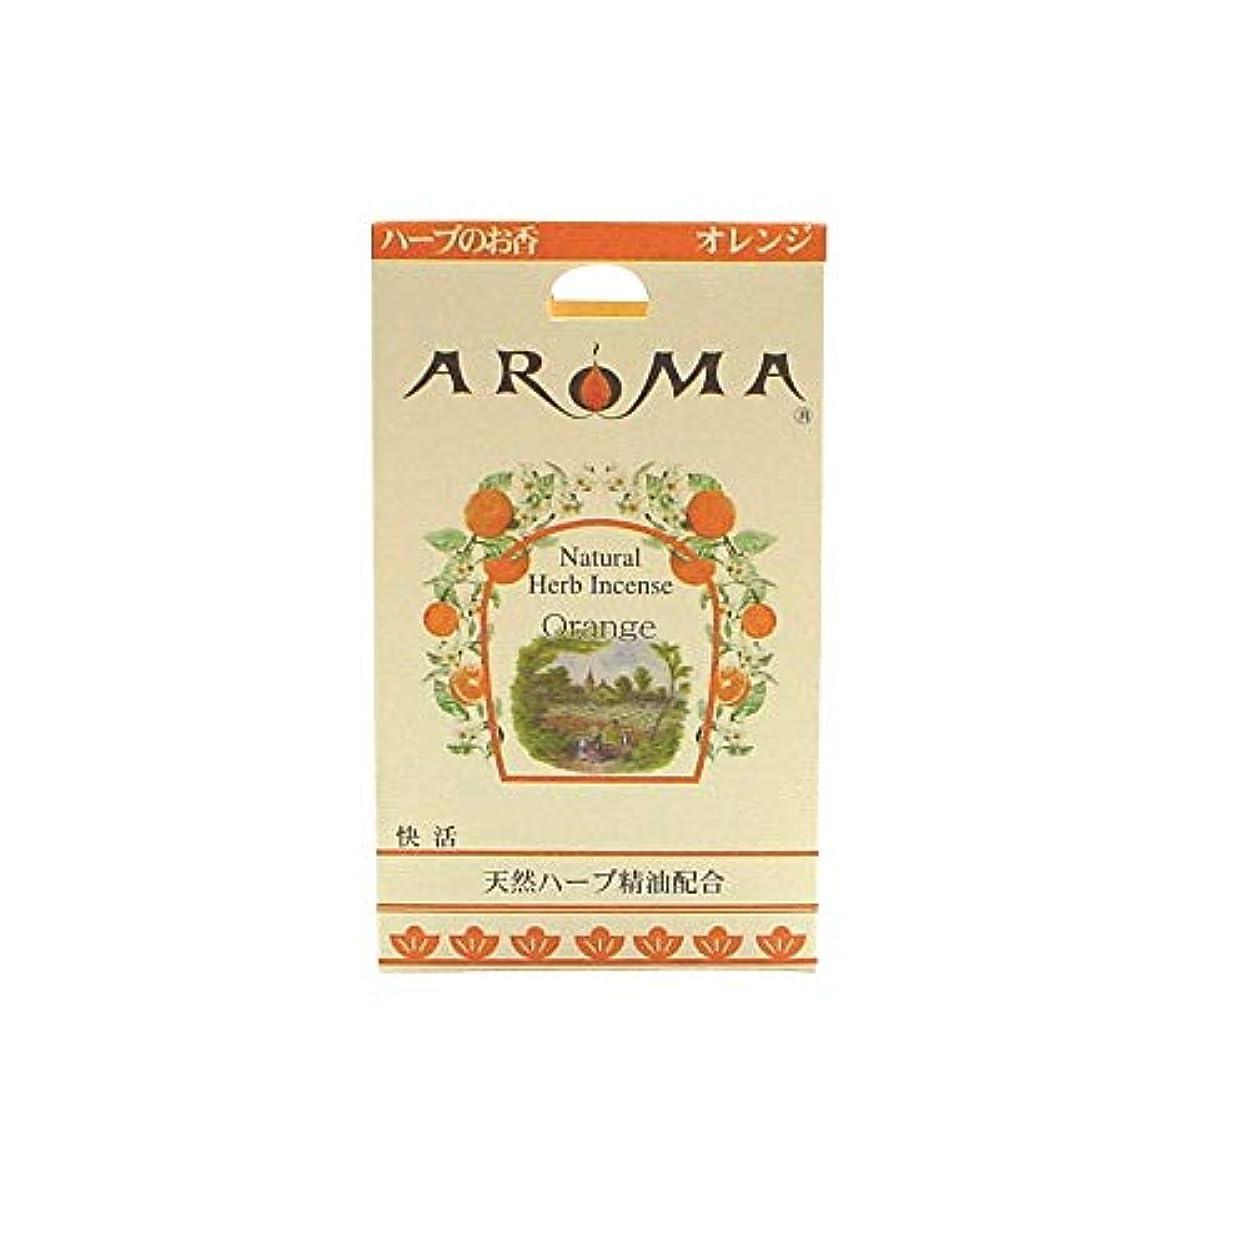 大惨事花瓶より良いハーブ香 オレンジ 16粒(コーンタイプのお香 インセンス)